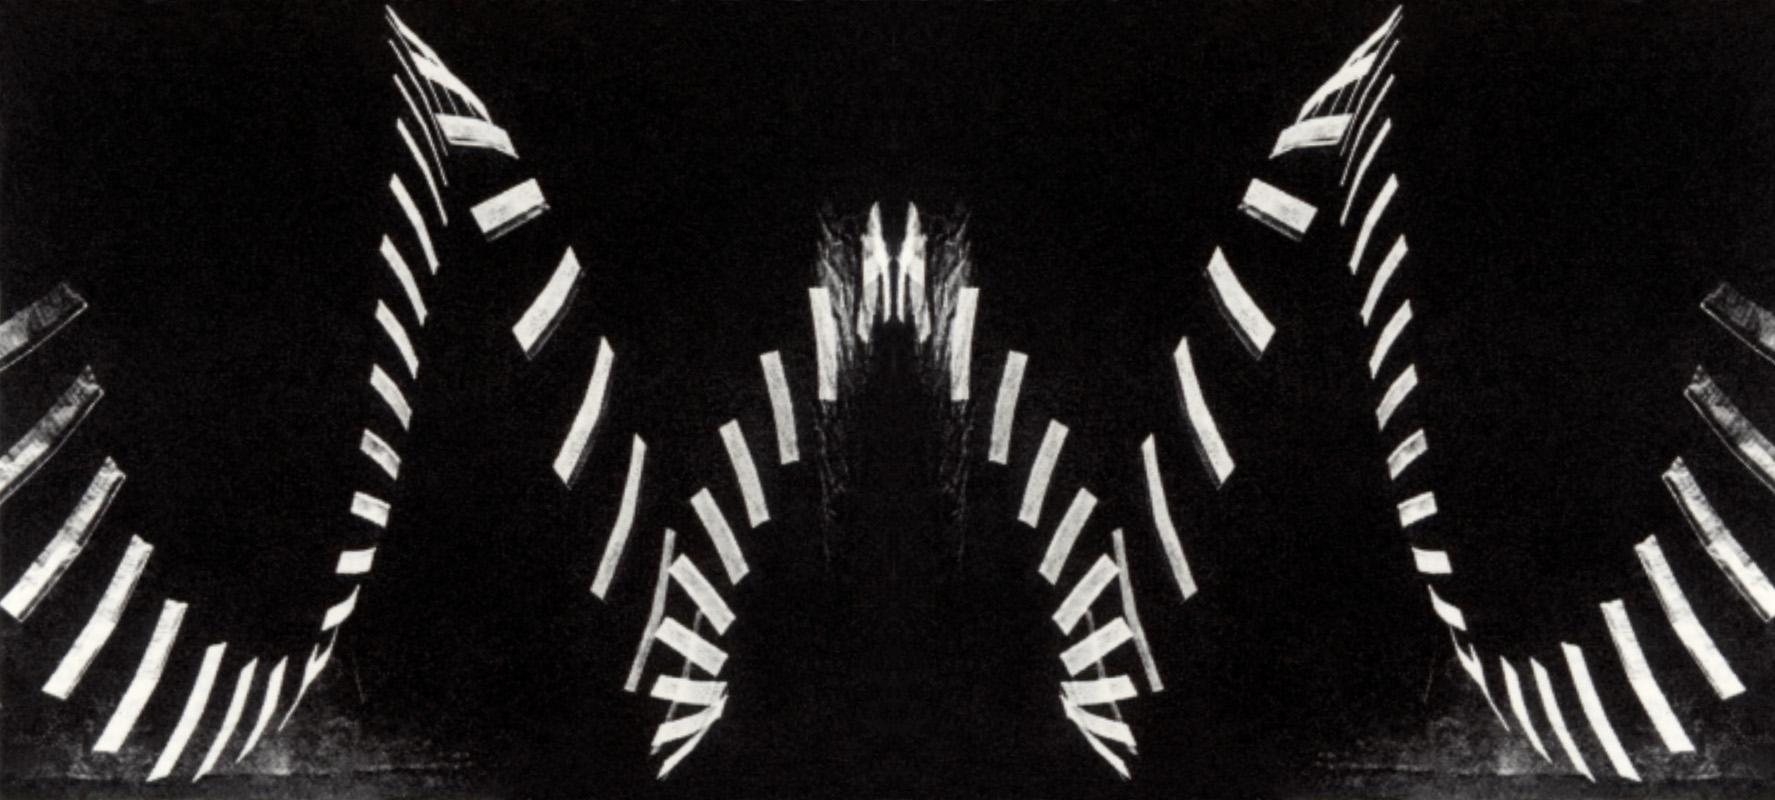 Marcus Bunyan. 'Descent' 2001